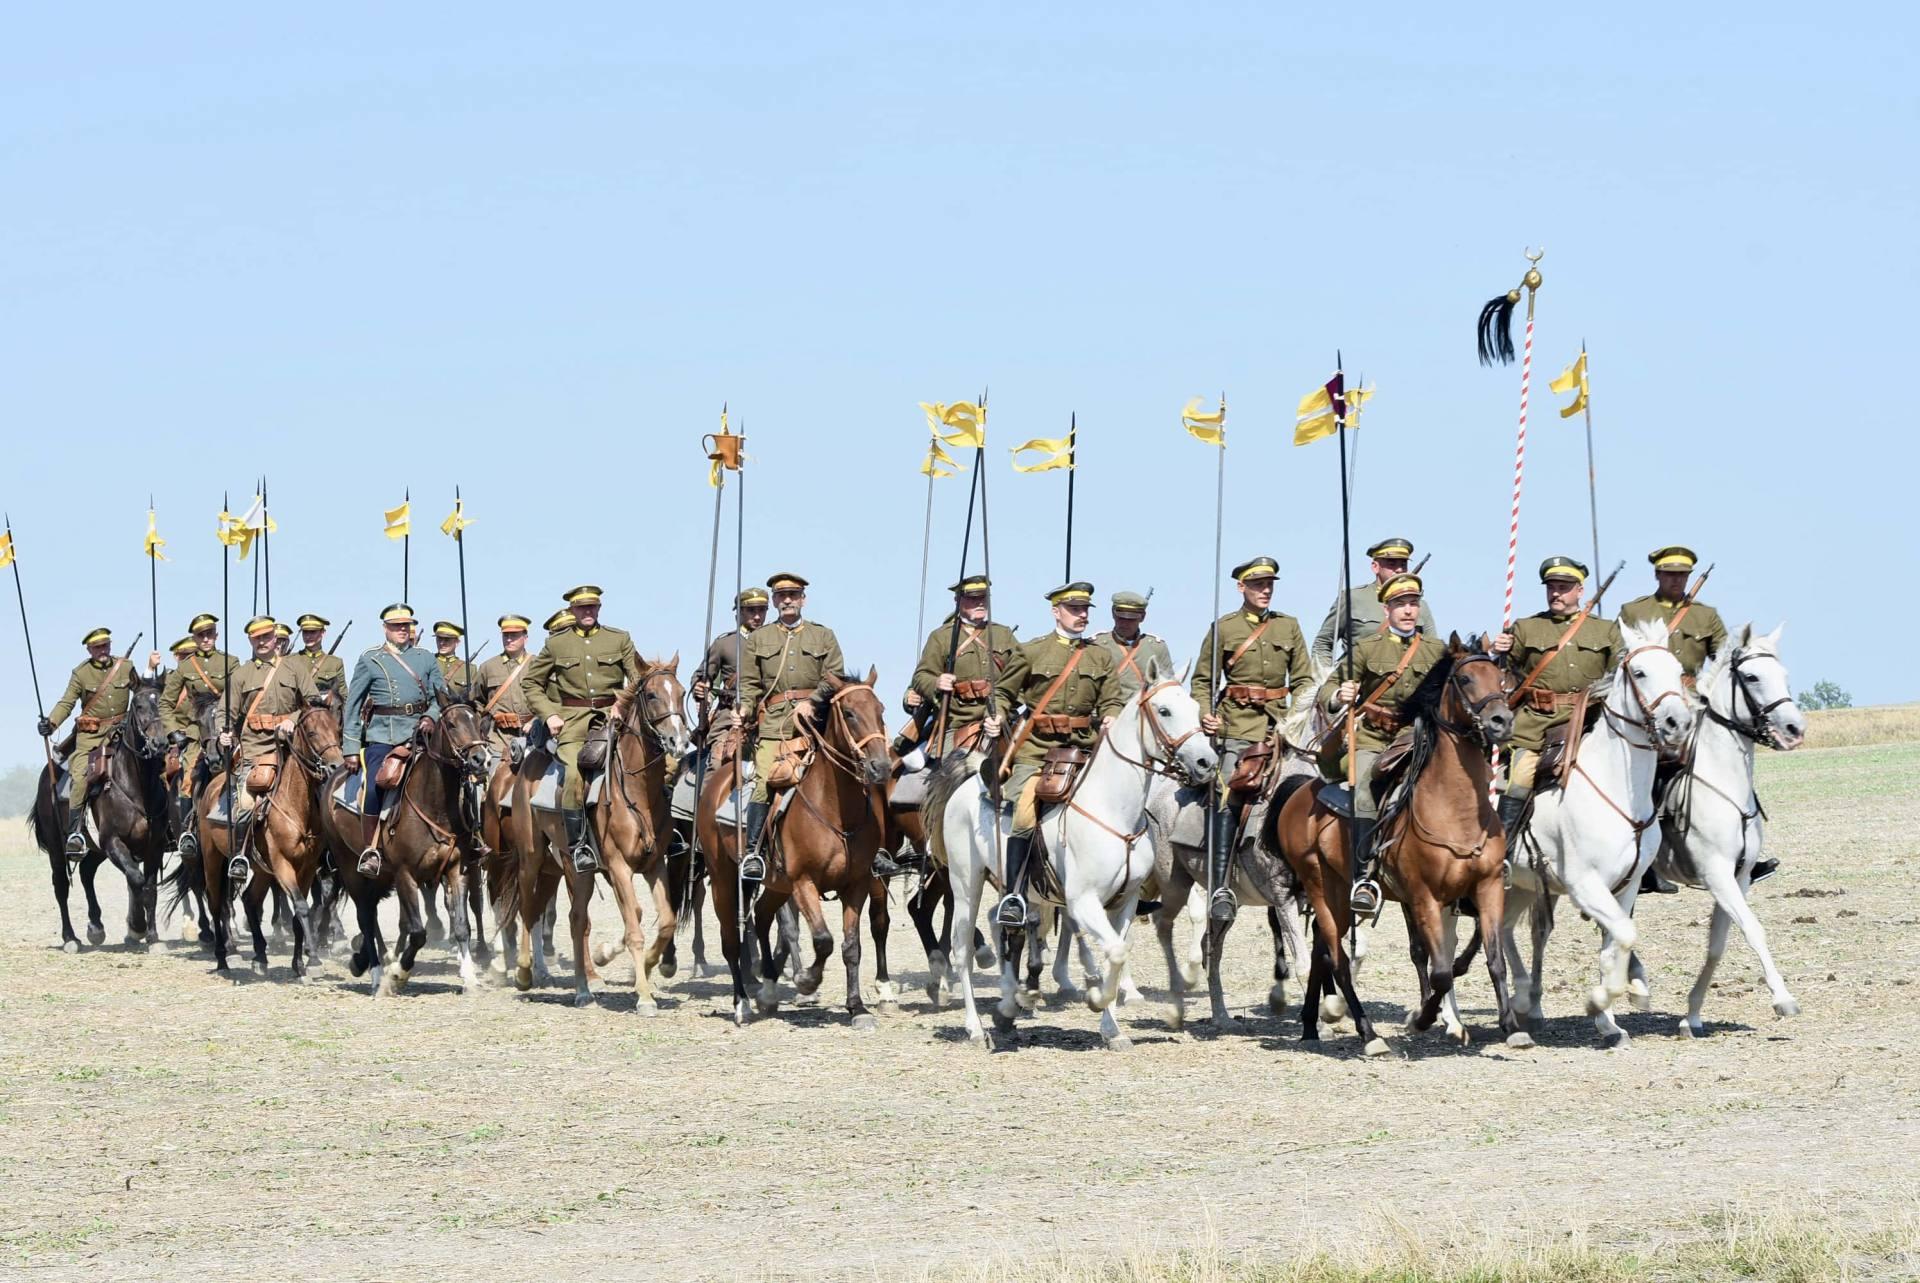 dsc 0642 Czas szabli - 100 rocznica bitwy pod Komarowem(zdjęcia)